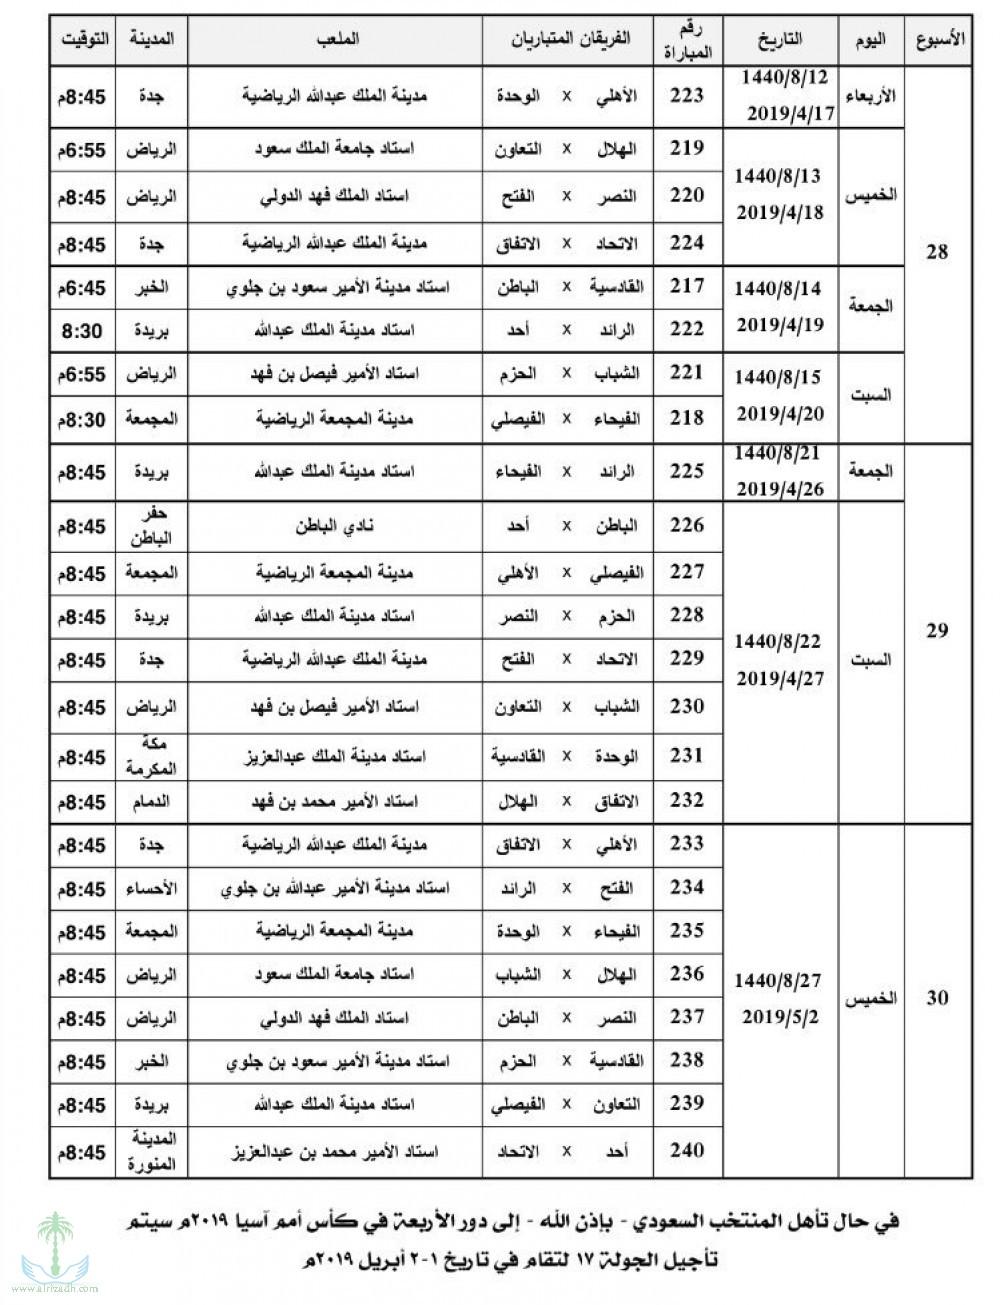 جدول الدور الثاني موقع شمس الاخباري